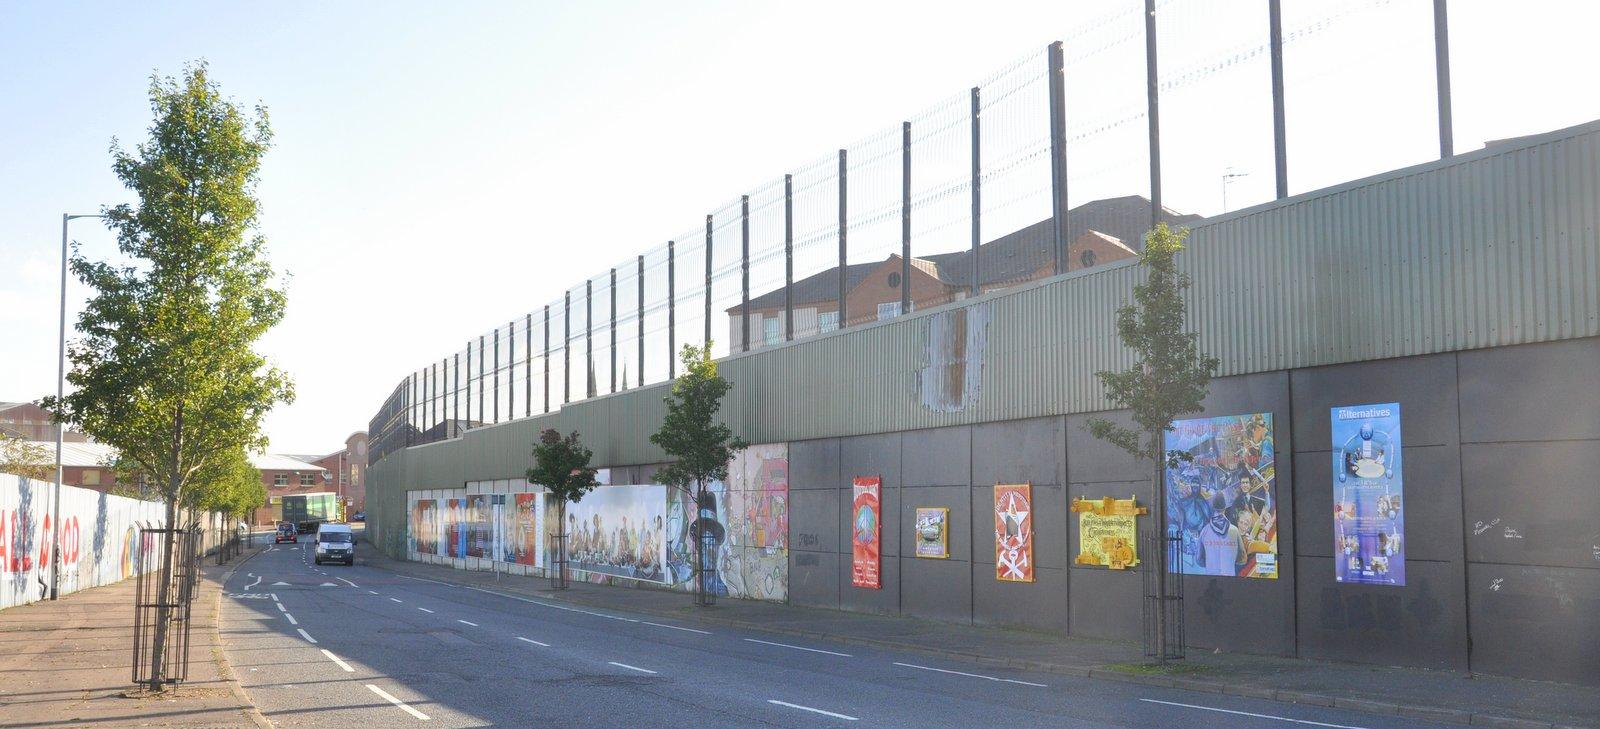 Le mur de la Peace Line à Belfast, qui sépare les quartiers catholiques et protestants